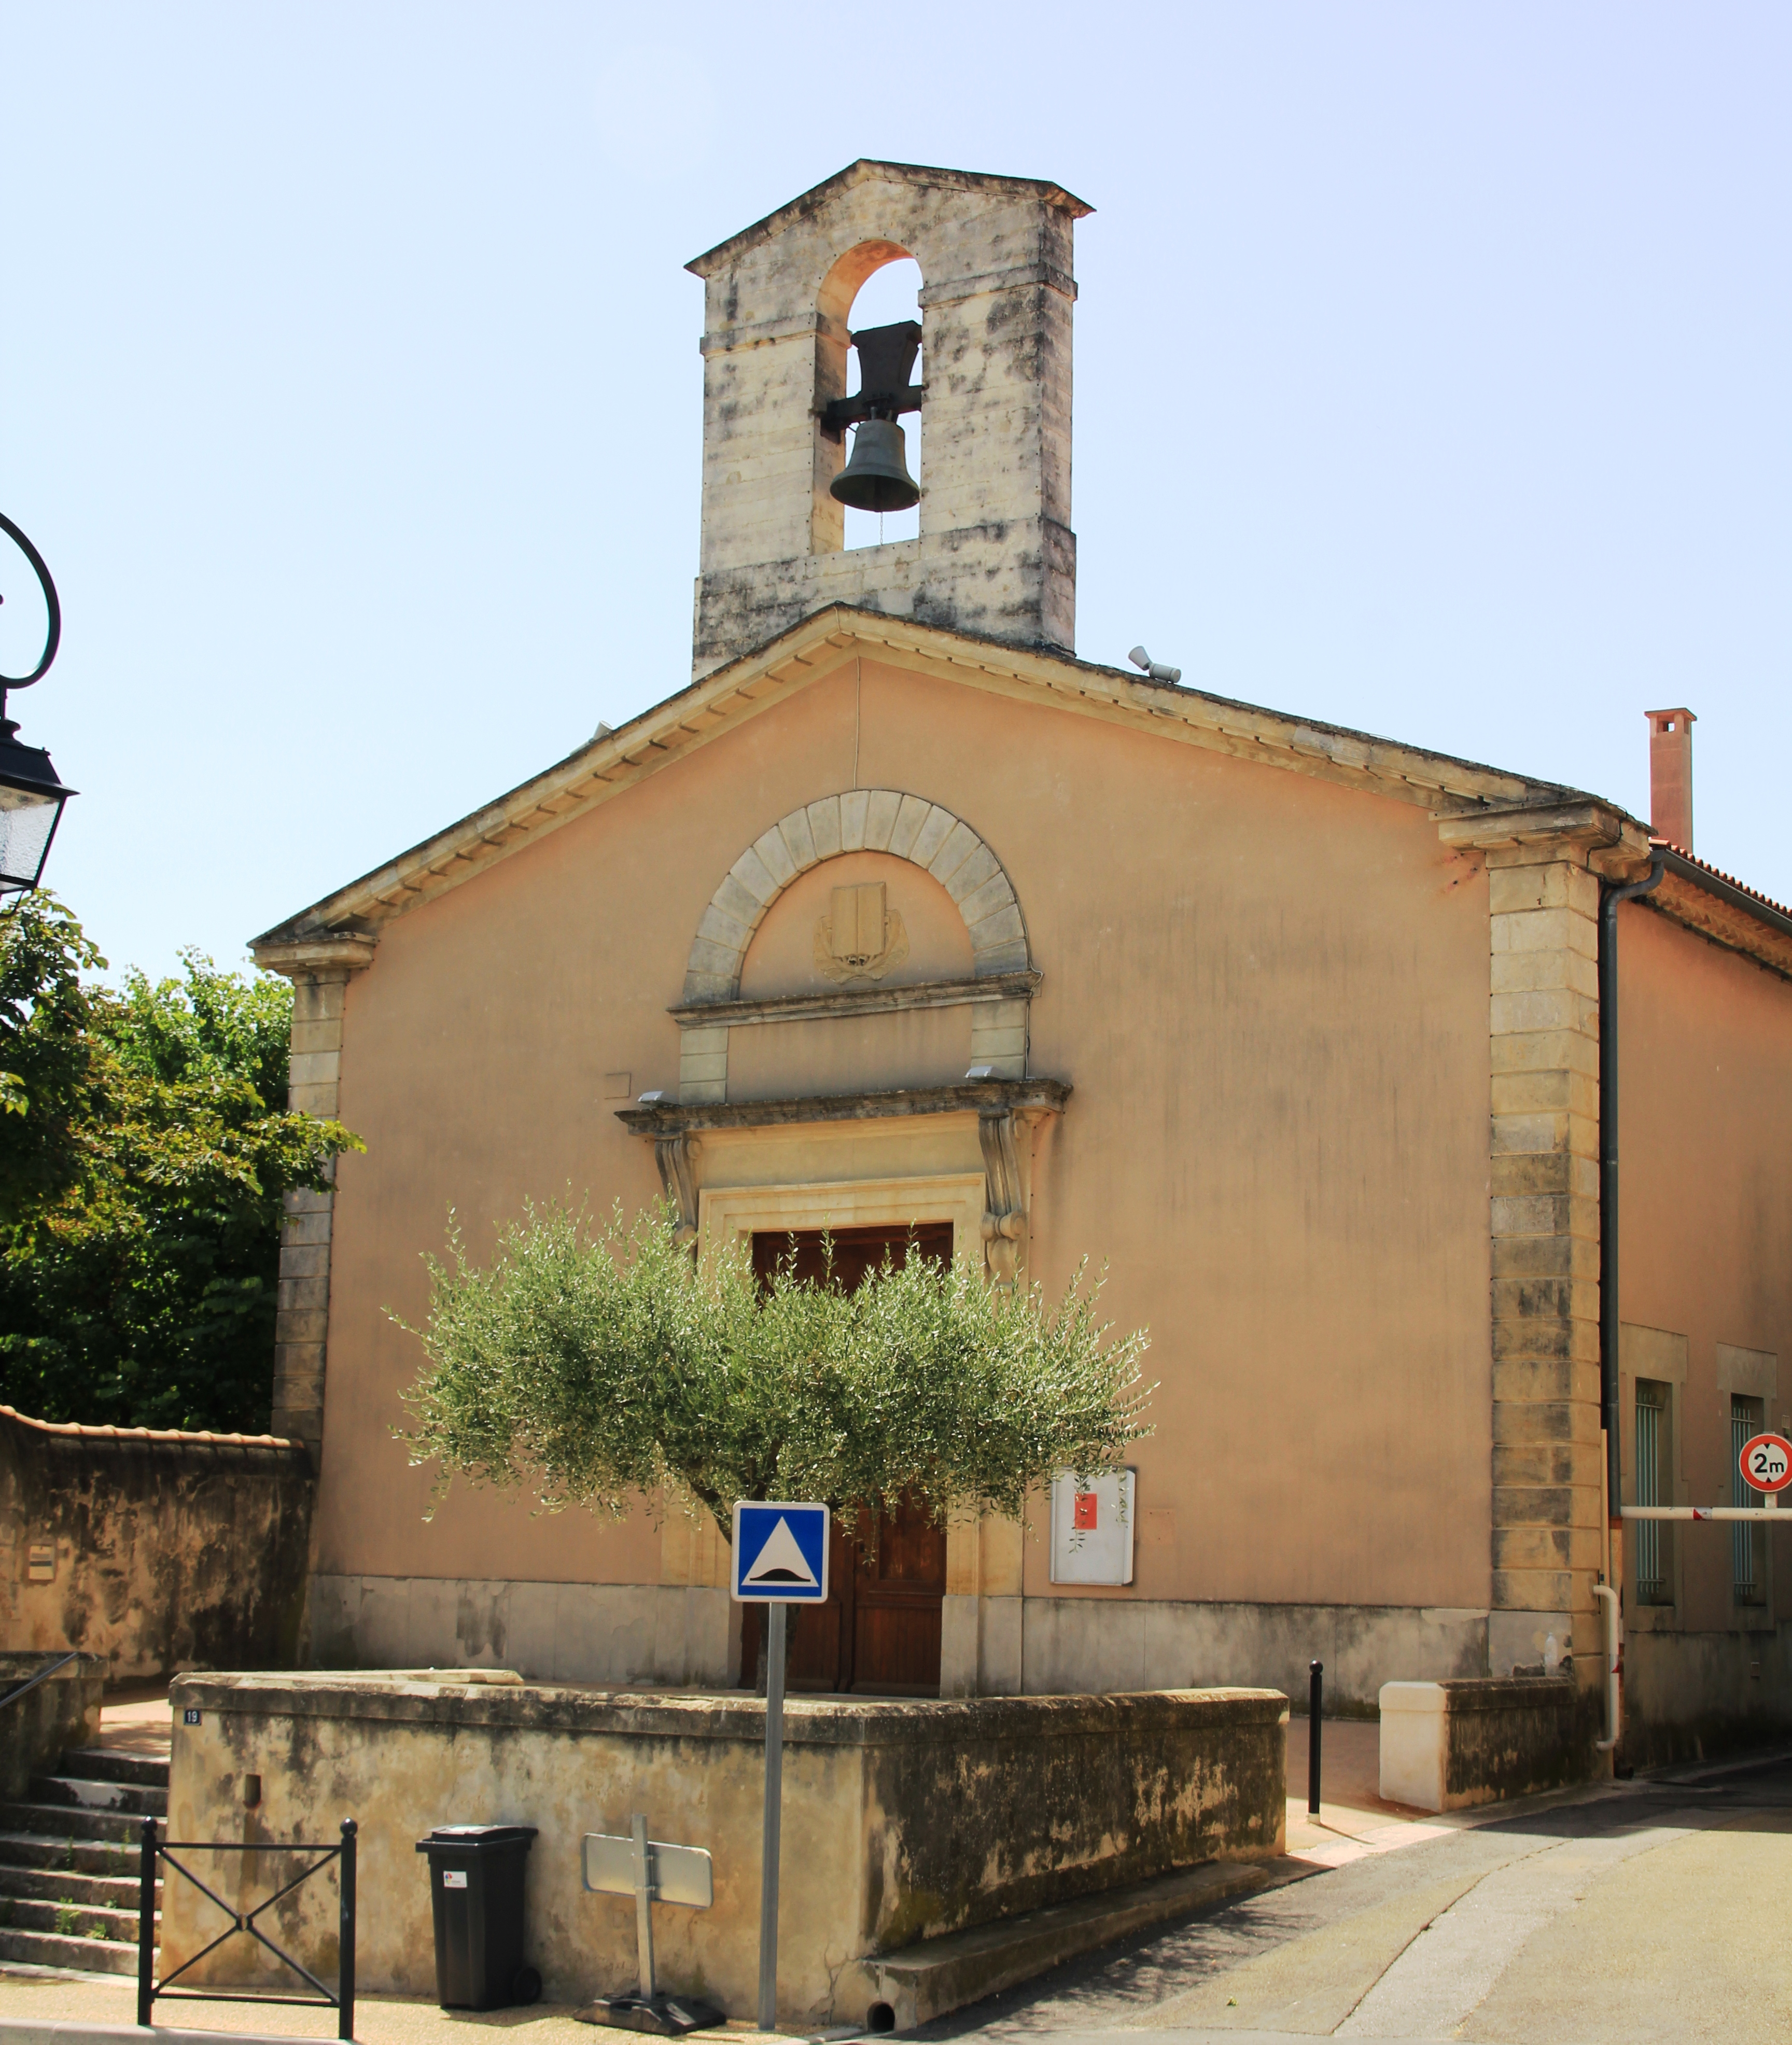 30-milhaud-hd église protestante dans EGLISES